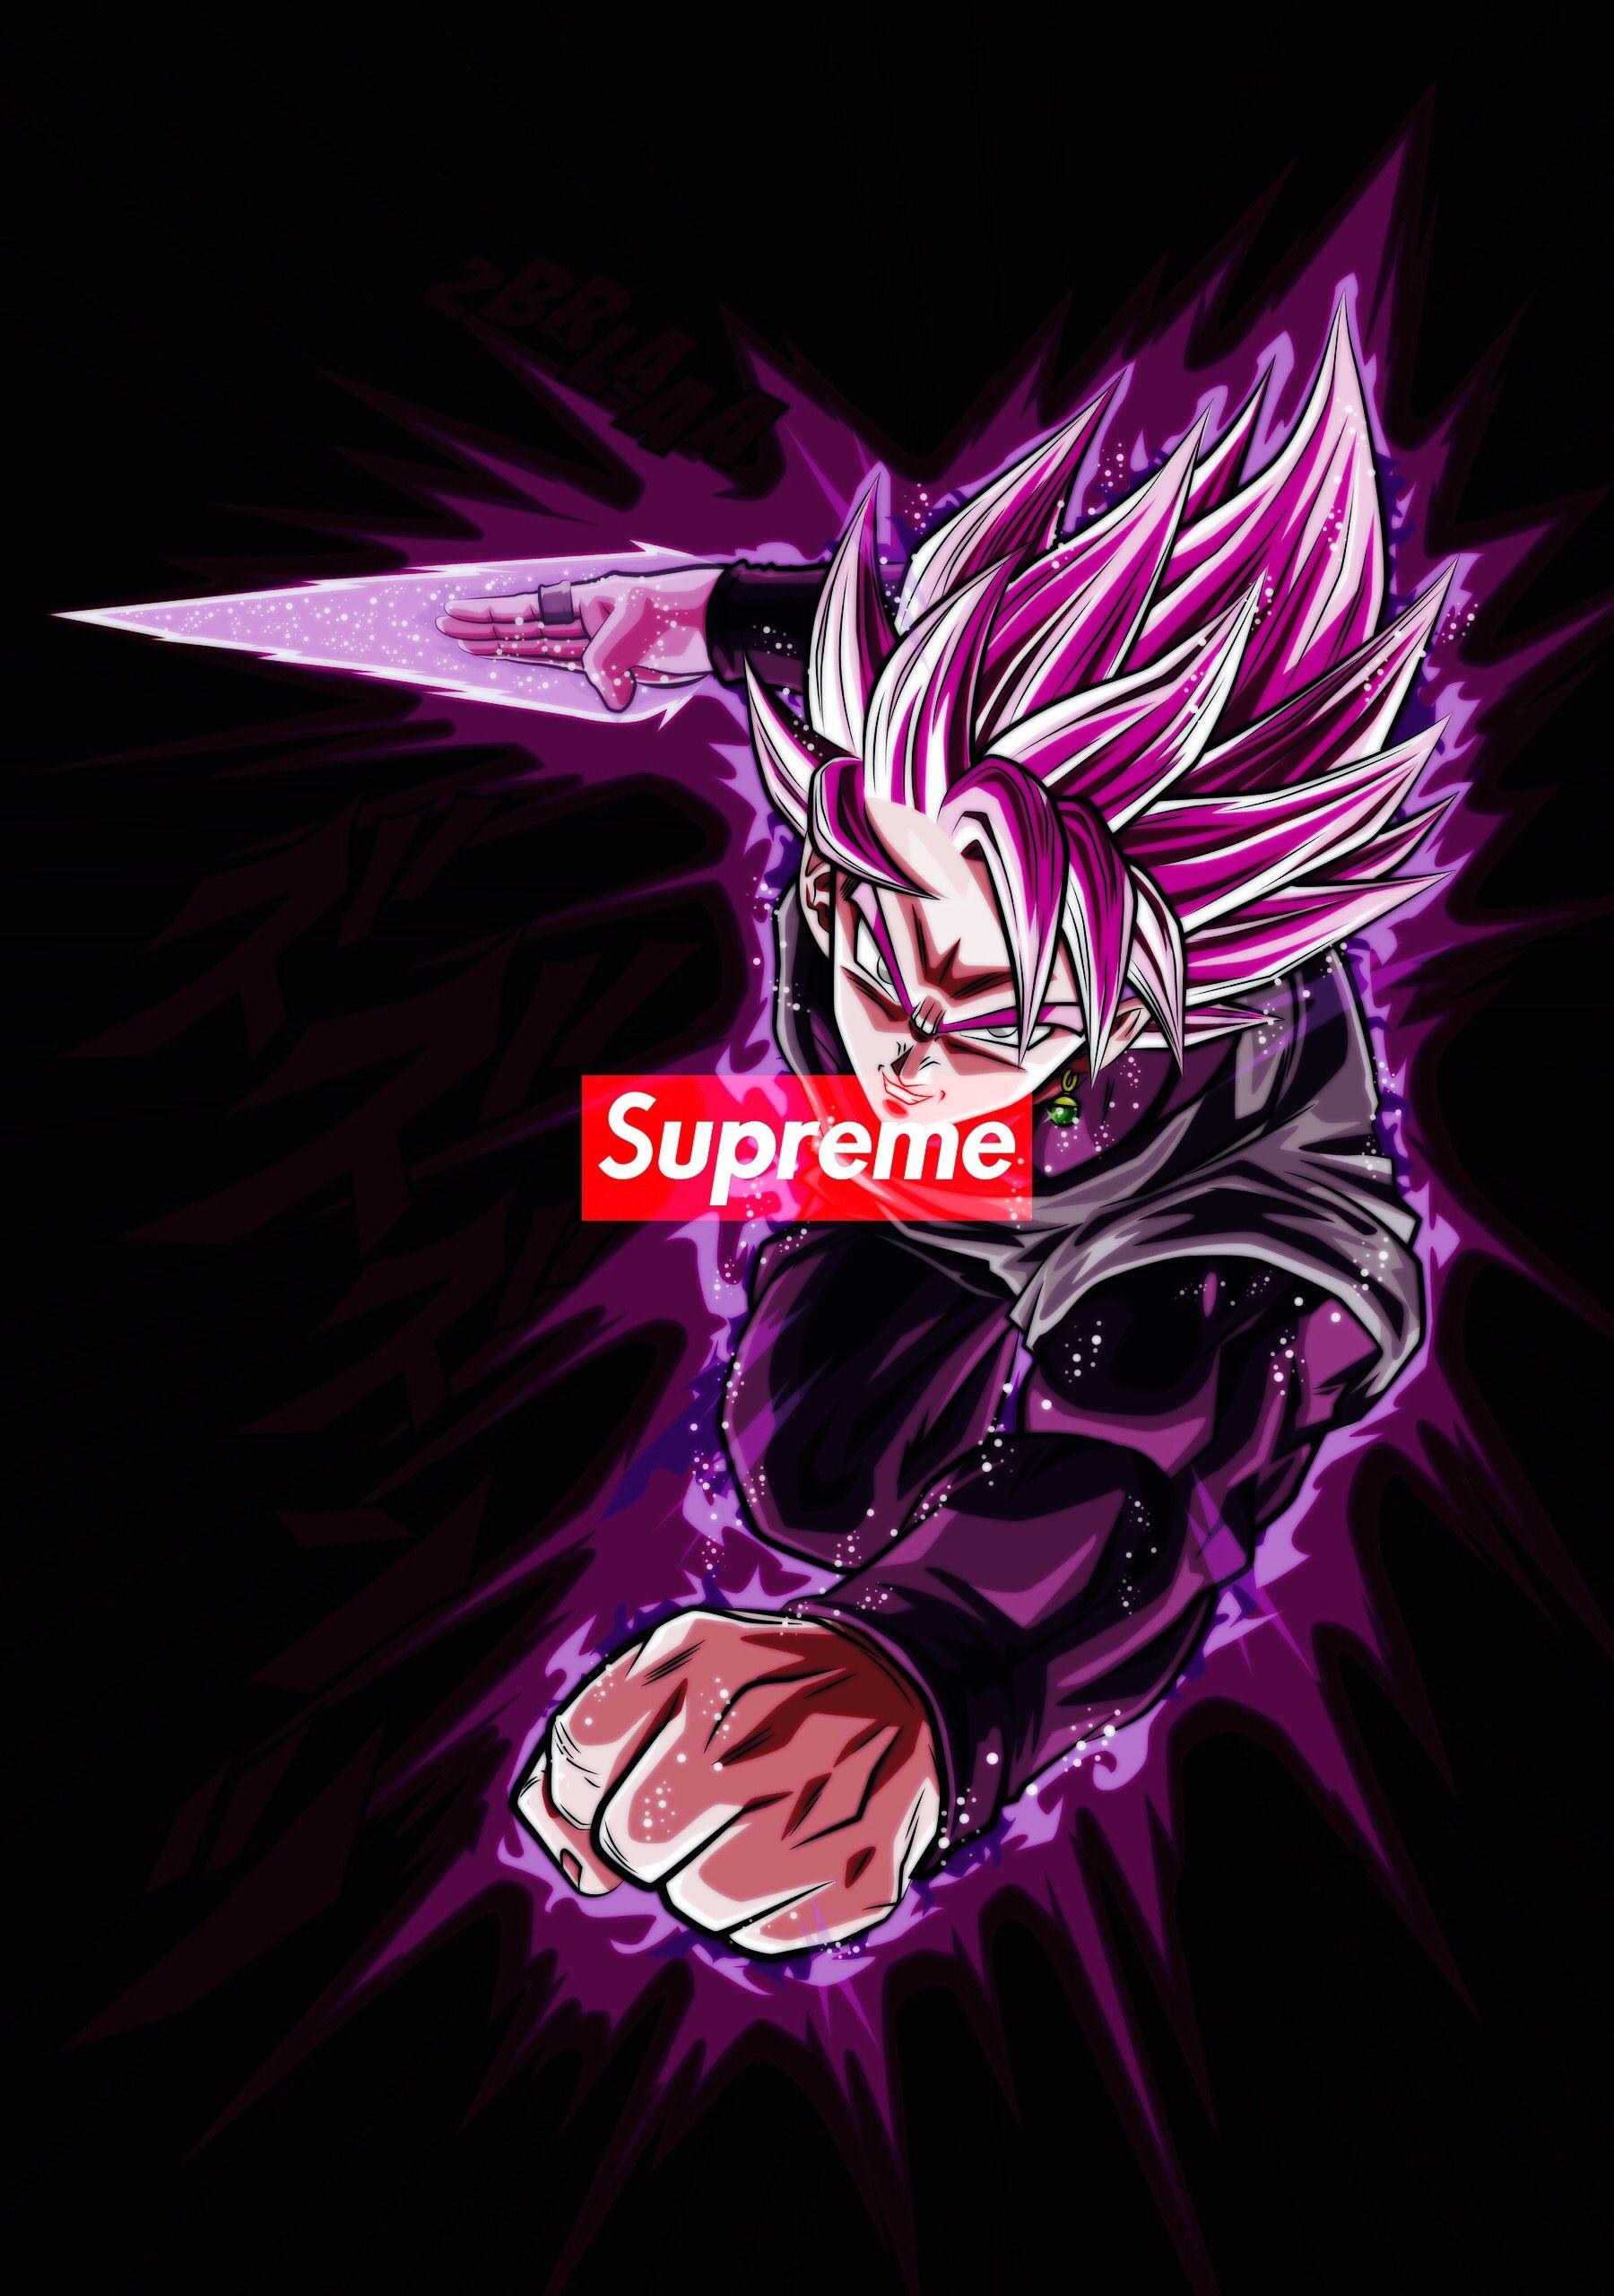 Supreme Rose Animeartdesigns Fond ecran iphone Fond dcran 1800x2560